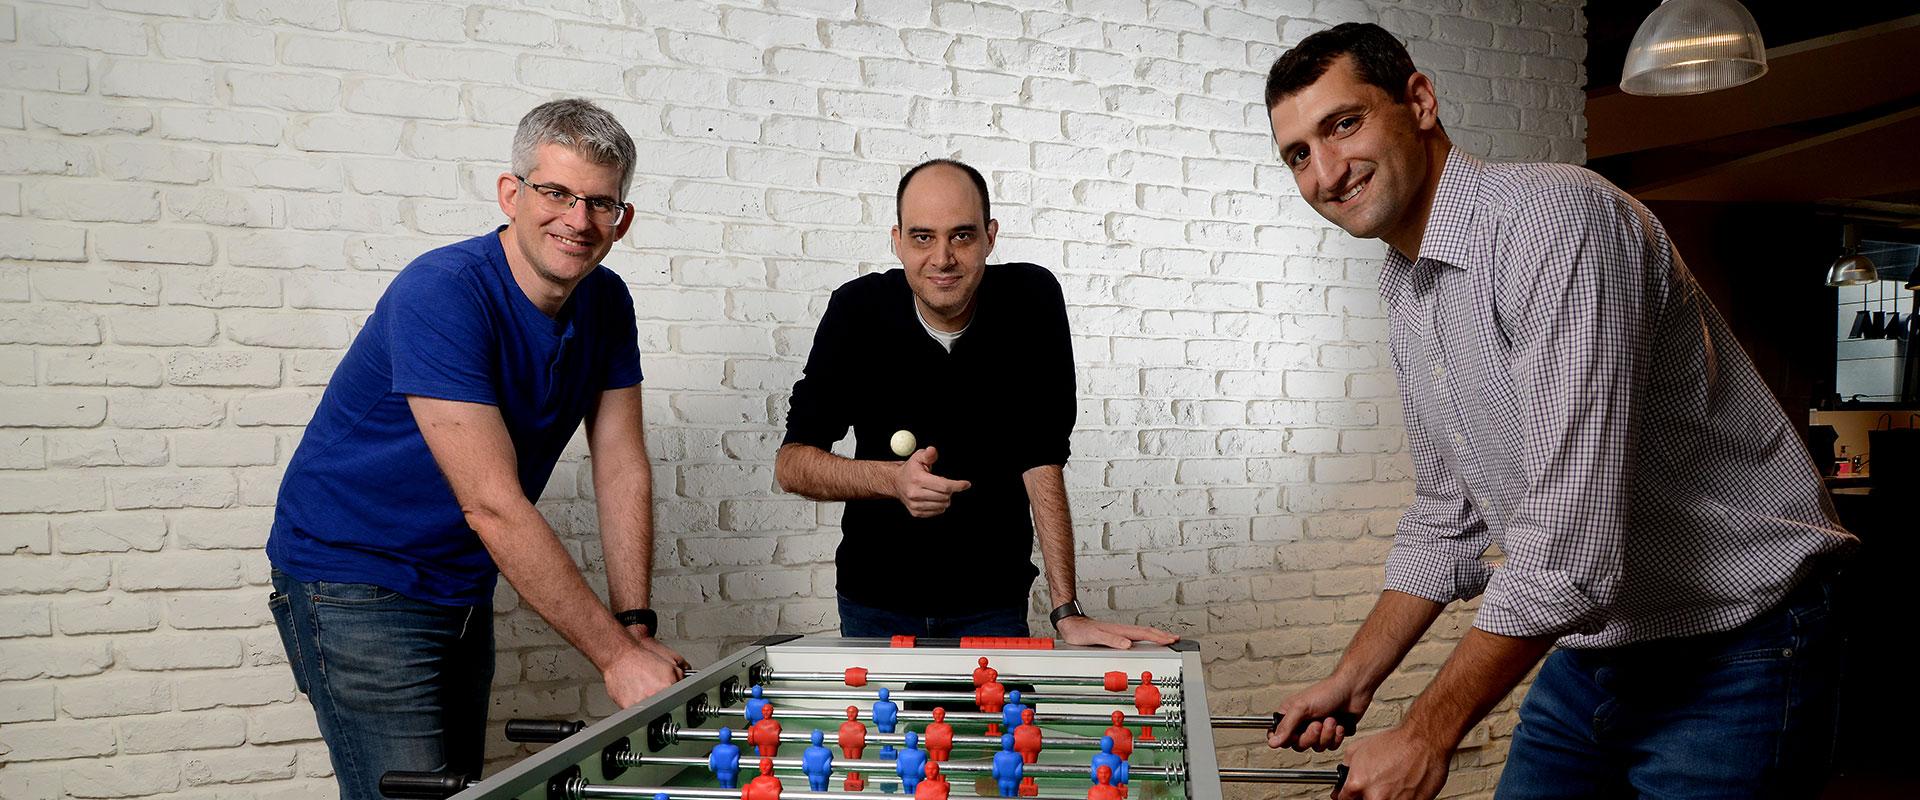 10 הסטארט-אפים המבטיחים 2020 - אריאל ברקמן, אורי ינקלב וערן כהן, מייסדי OwnBackup / צילום: איל יצהר, גלובס